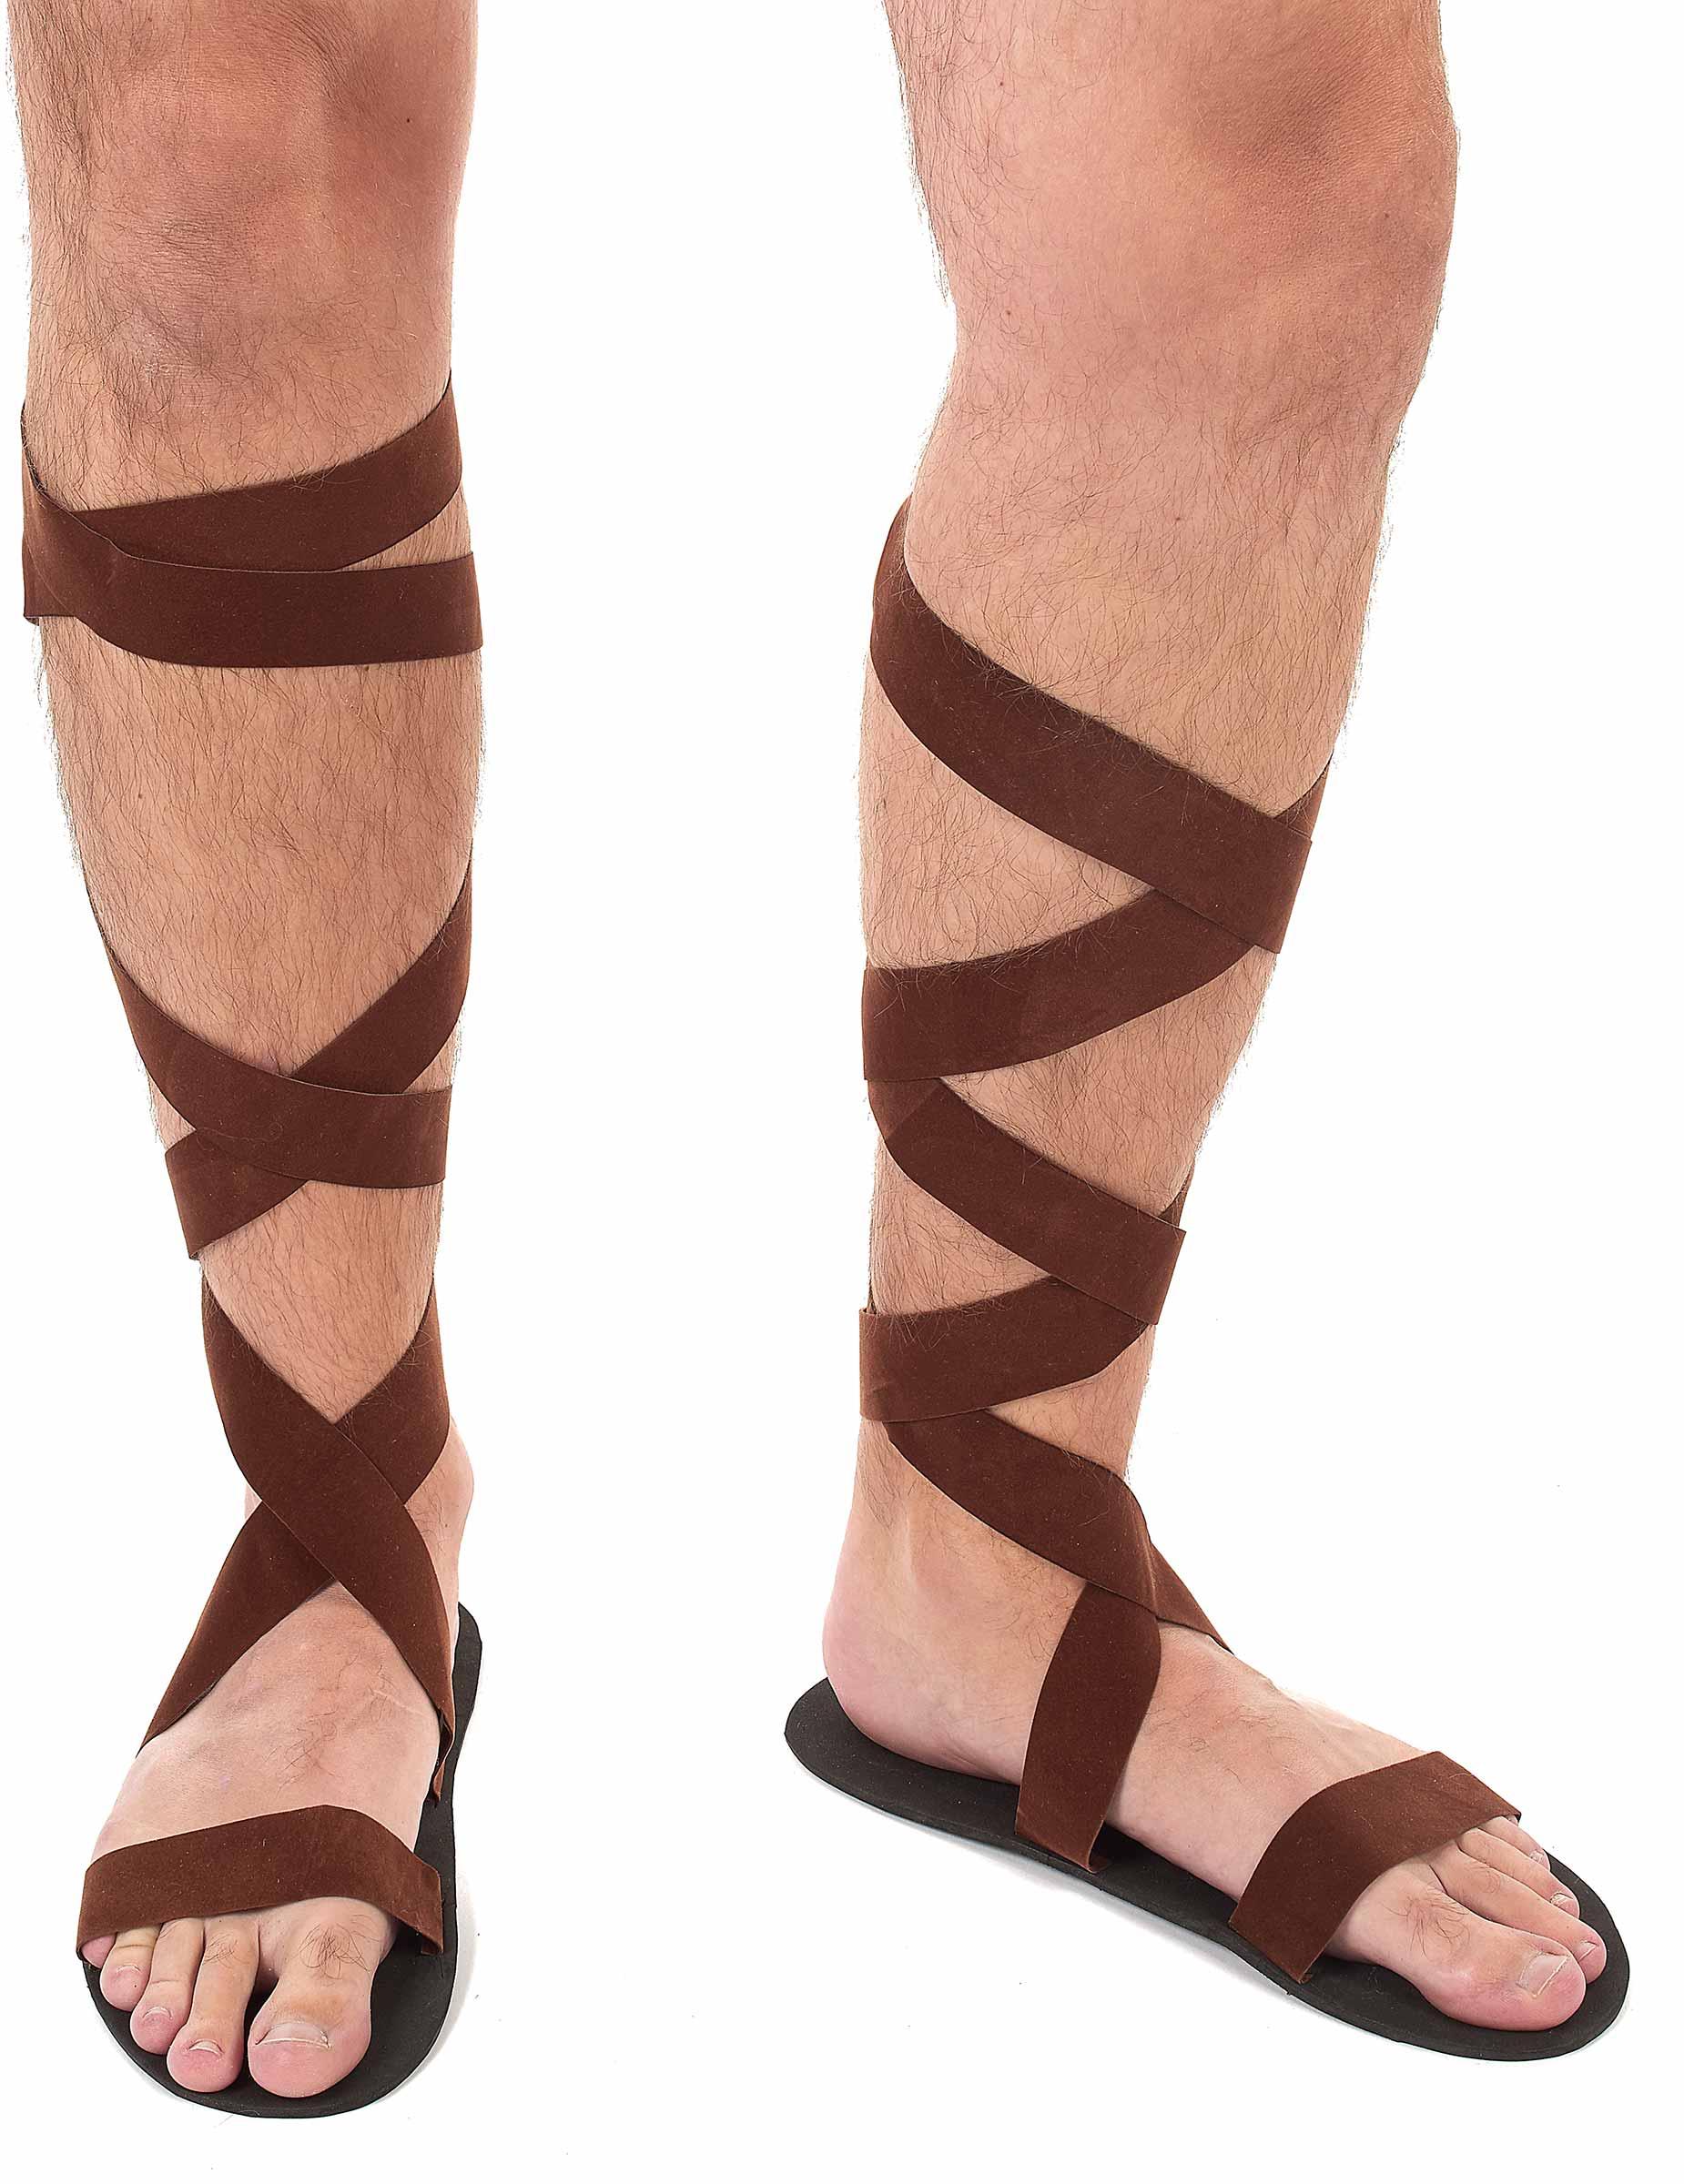 724e5f4f49778 Sandales romaines adulte   Deguise-toi, achat de Accessoires